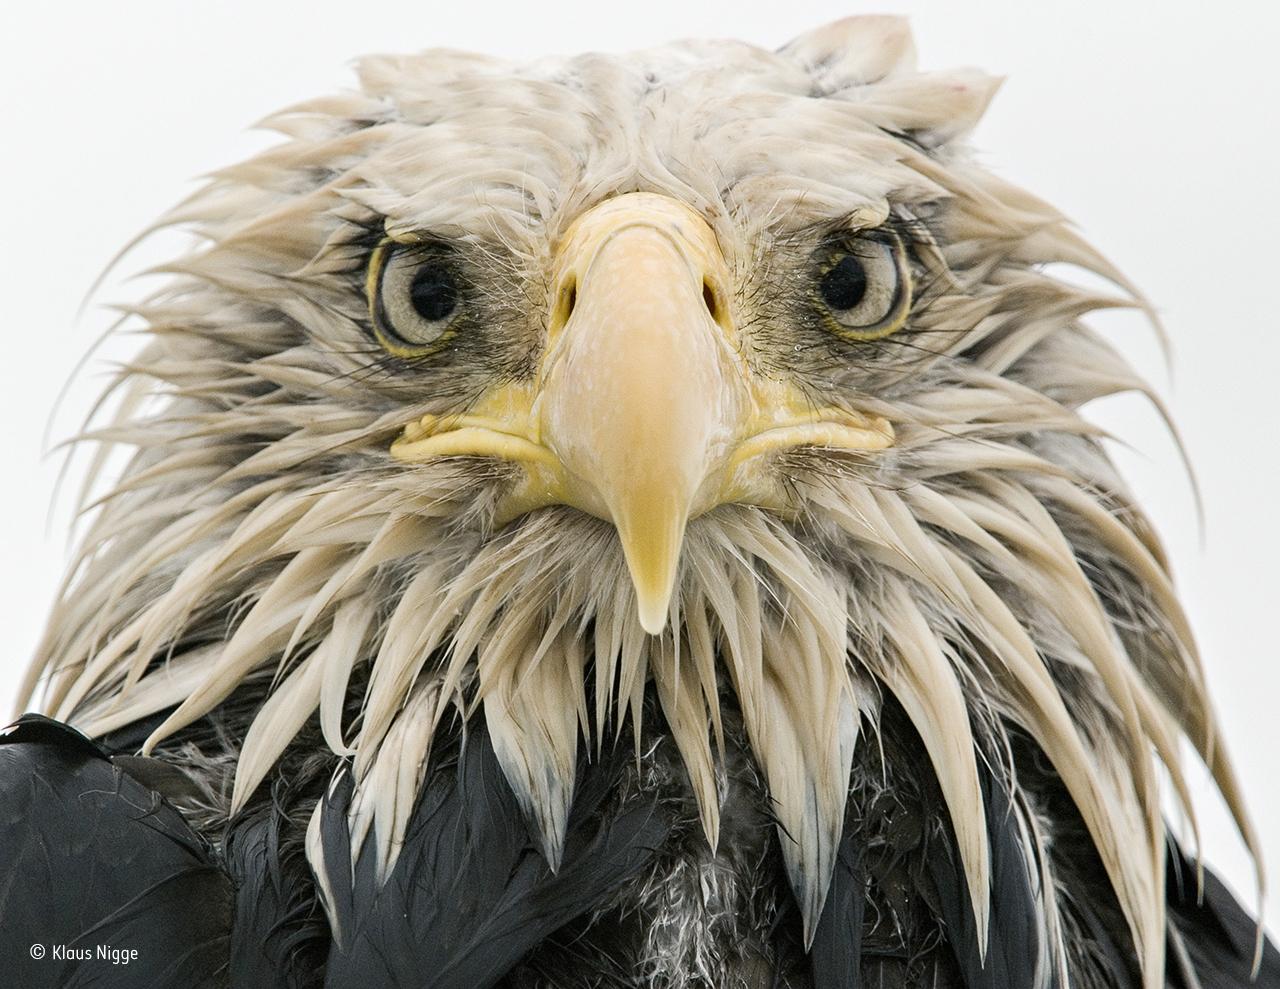 Uma águia careca no estado norte-americano do Alasca